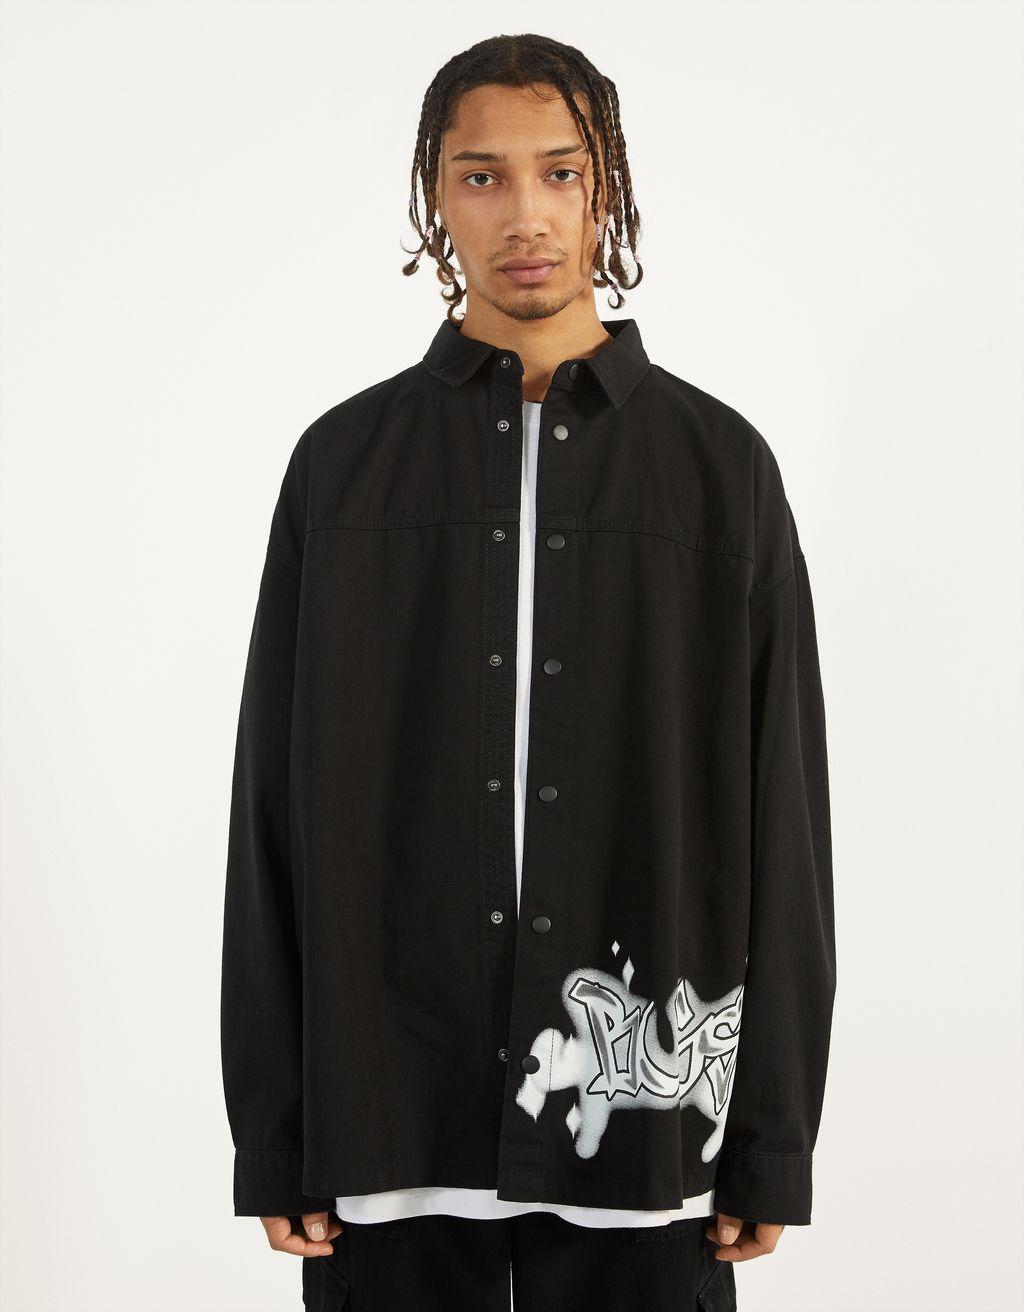 Bugs Bunny overshirt